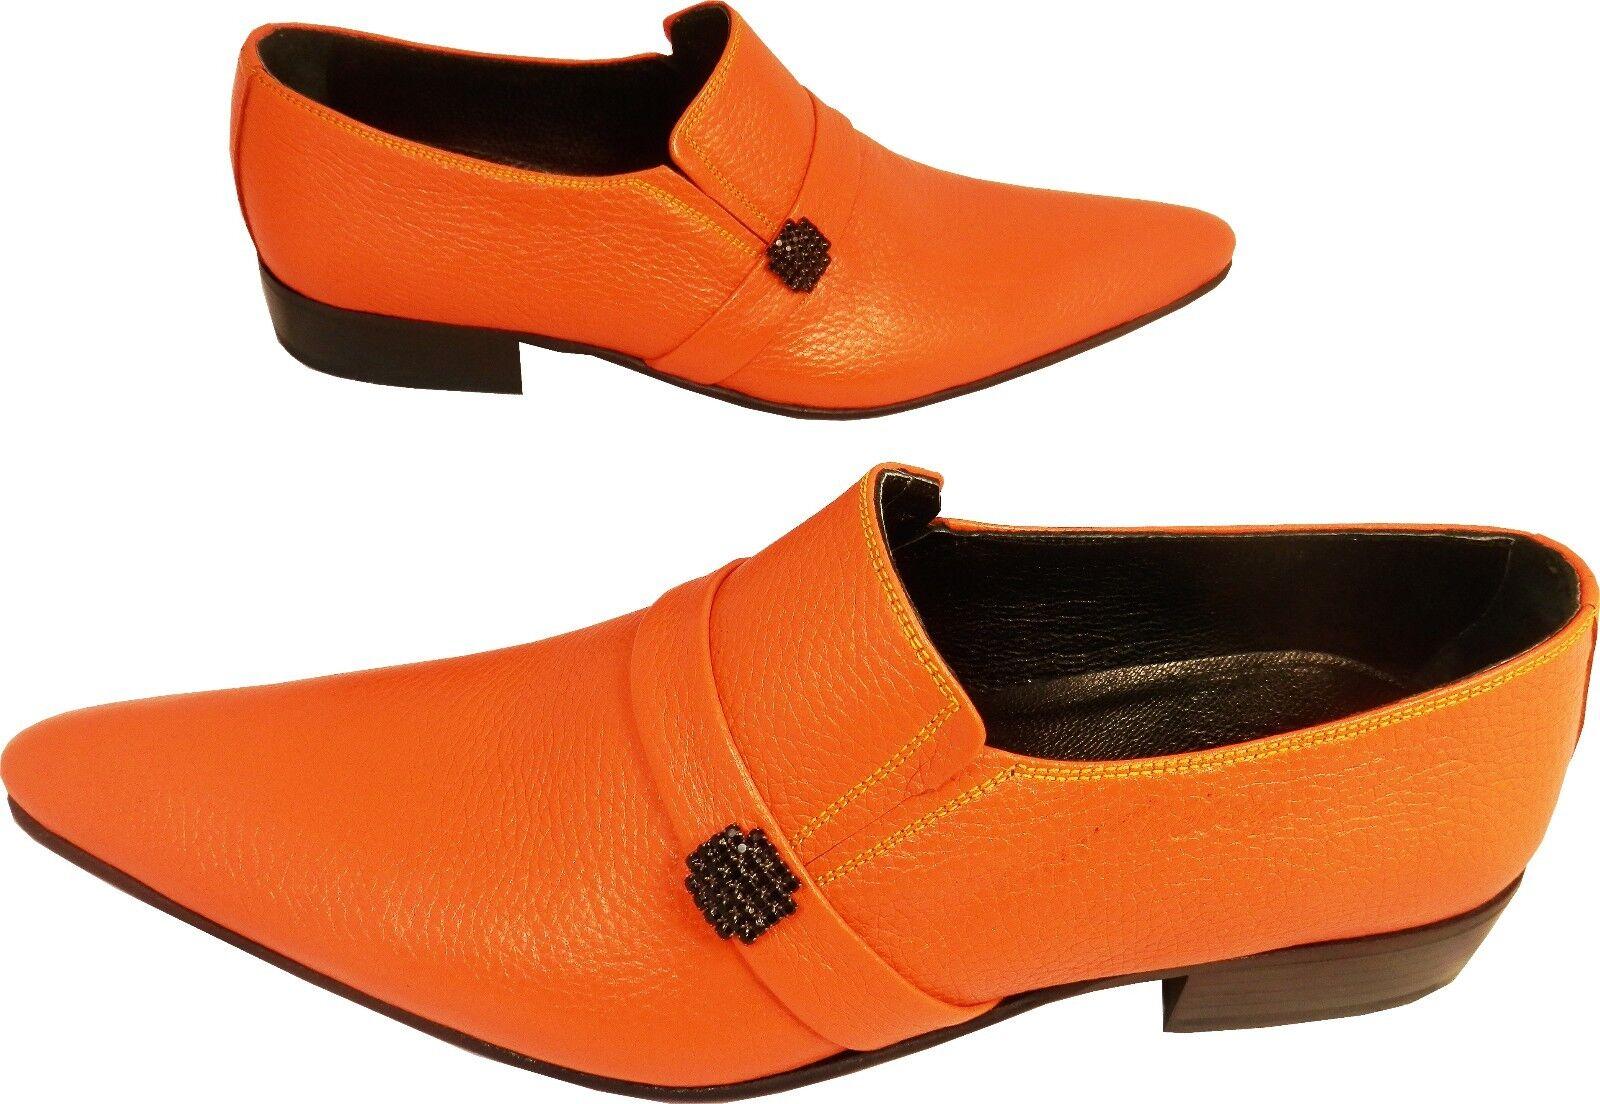 Chelsy-Designer Chelsy-Designer Chelsy-Designer Italiano Slipper orange pattern arance GUSCIO pagine SPILLA 45f72e